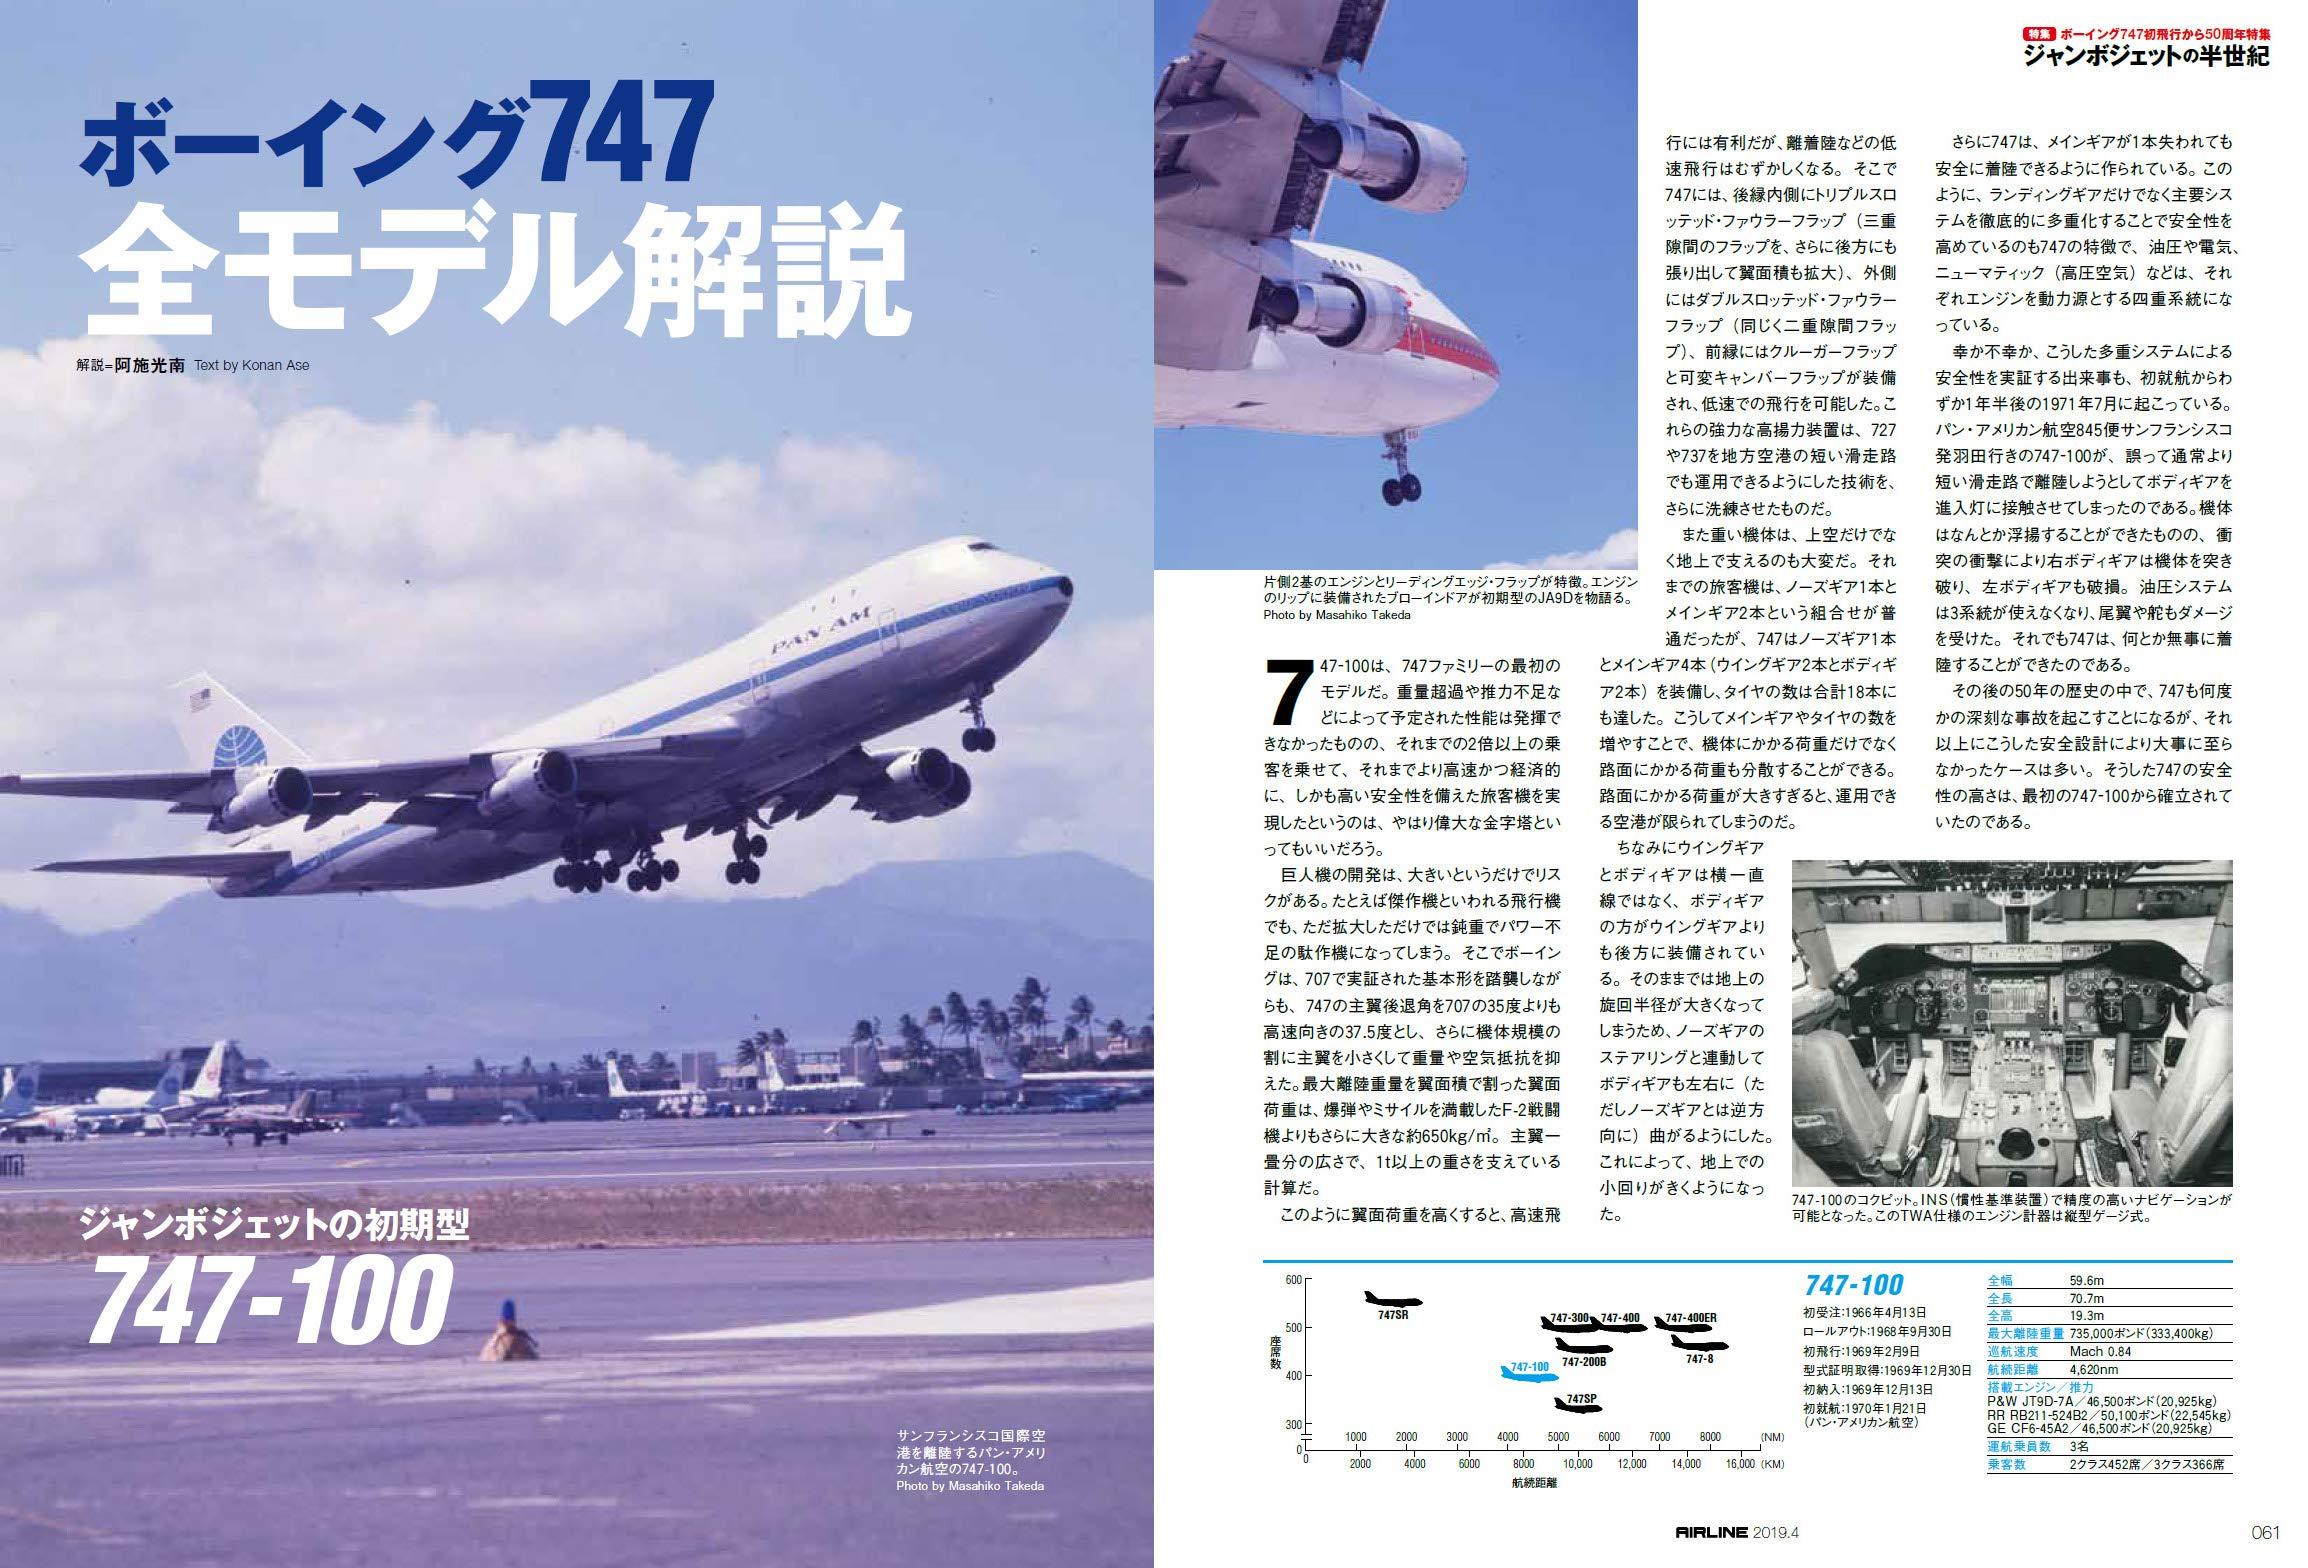 AIRLINE (エアライン) 2019年4月...